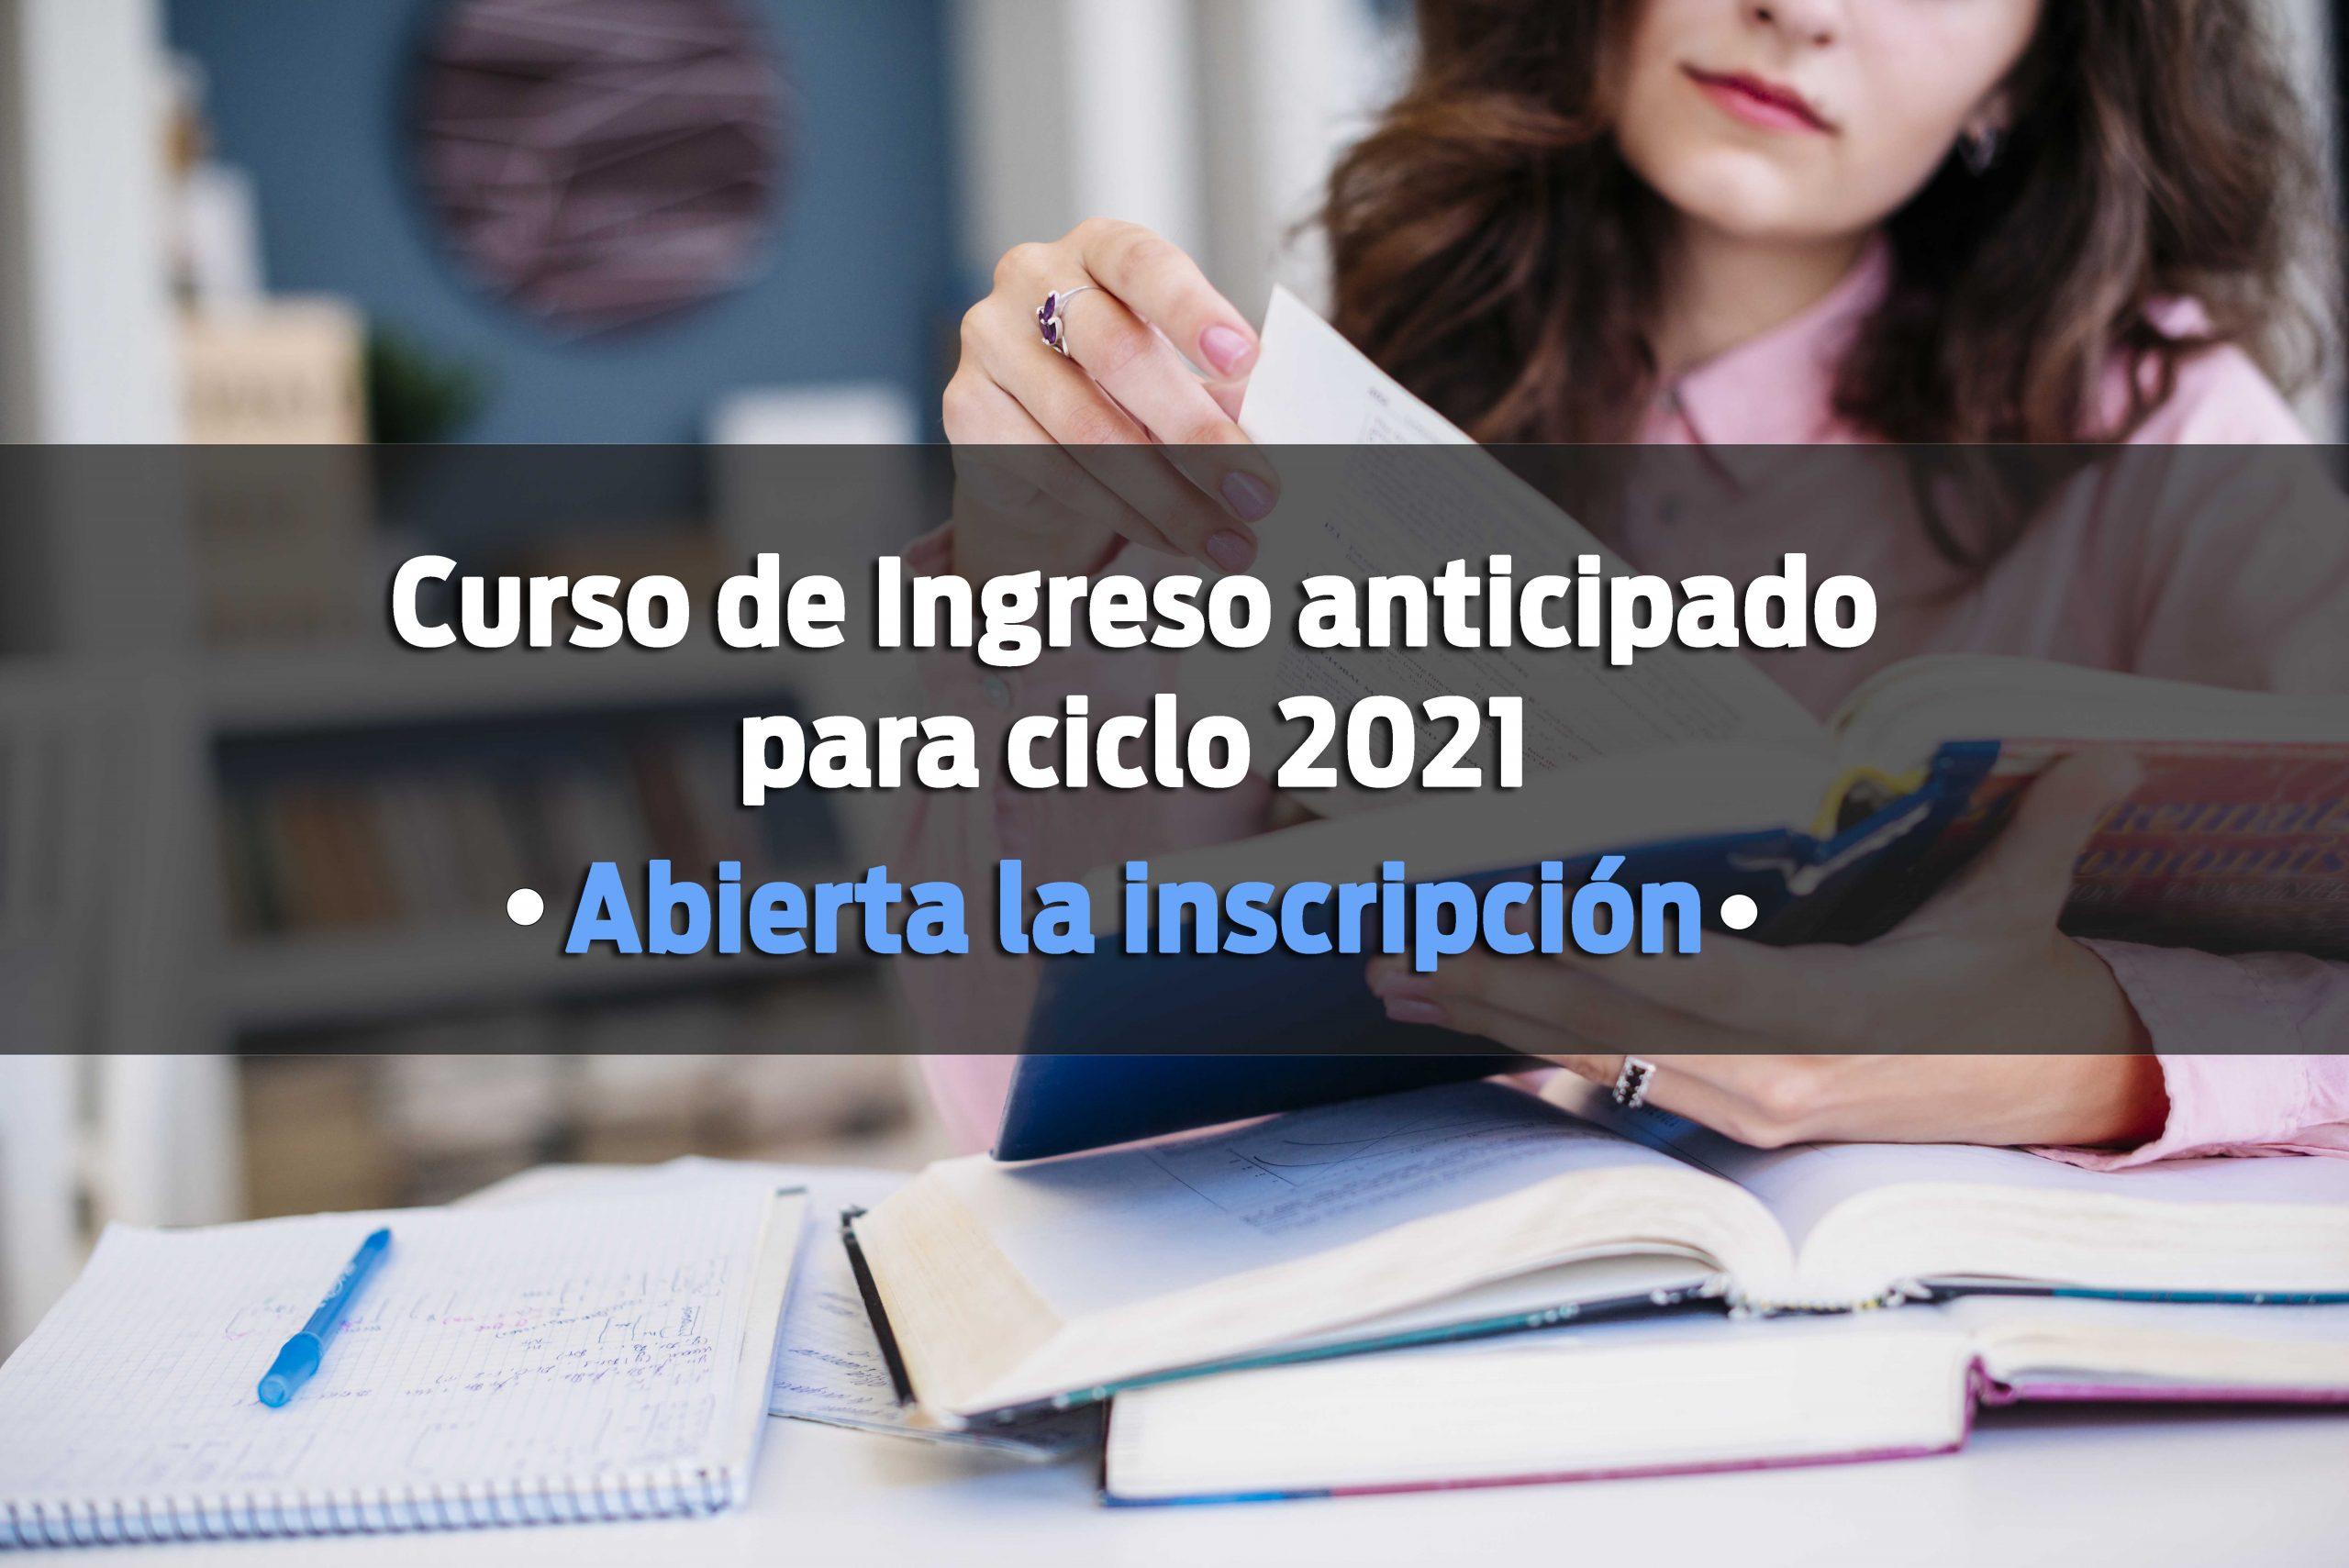 Curso de Ingreso anticipado para ciclo 2021